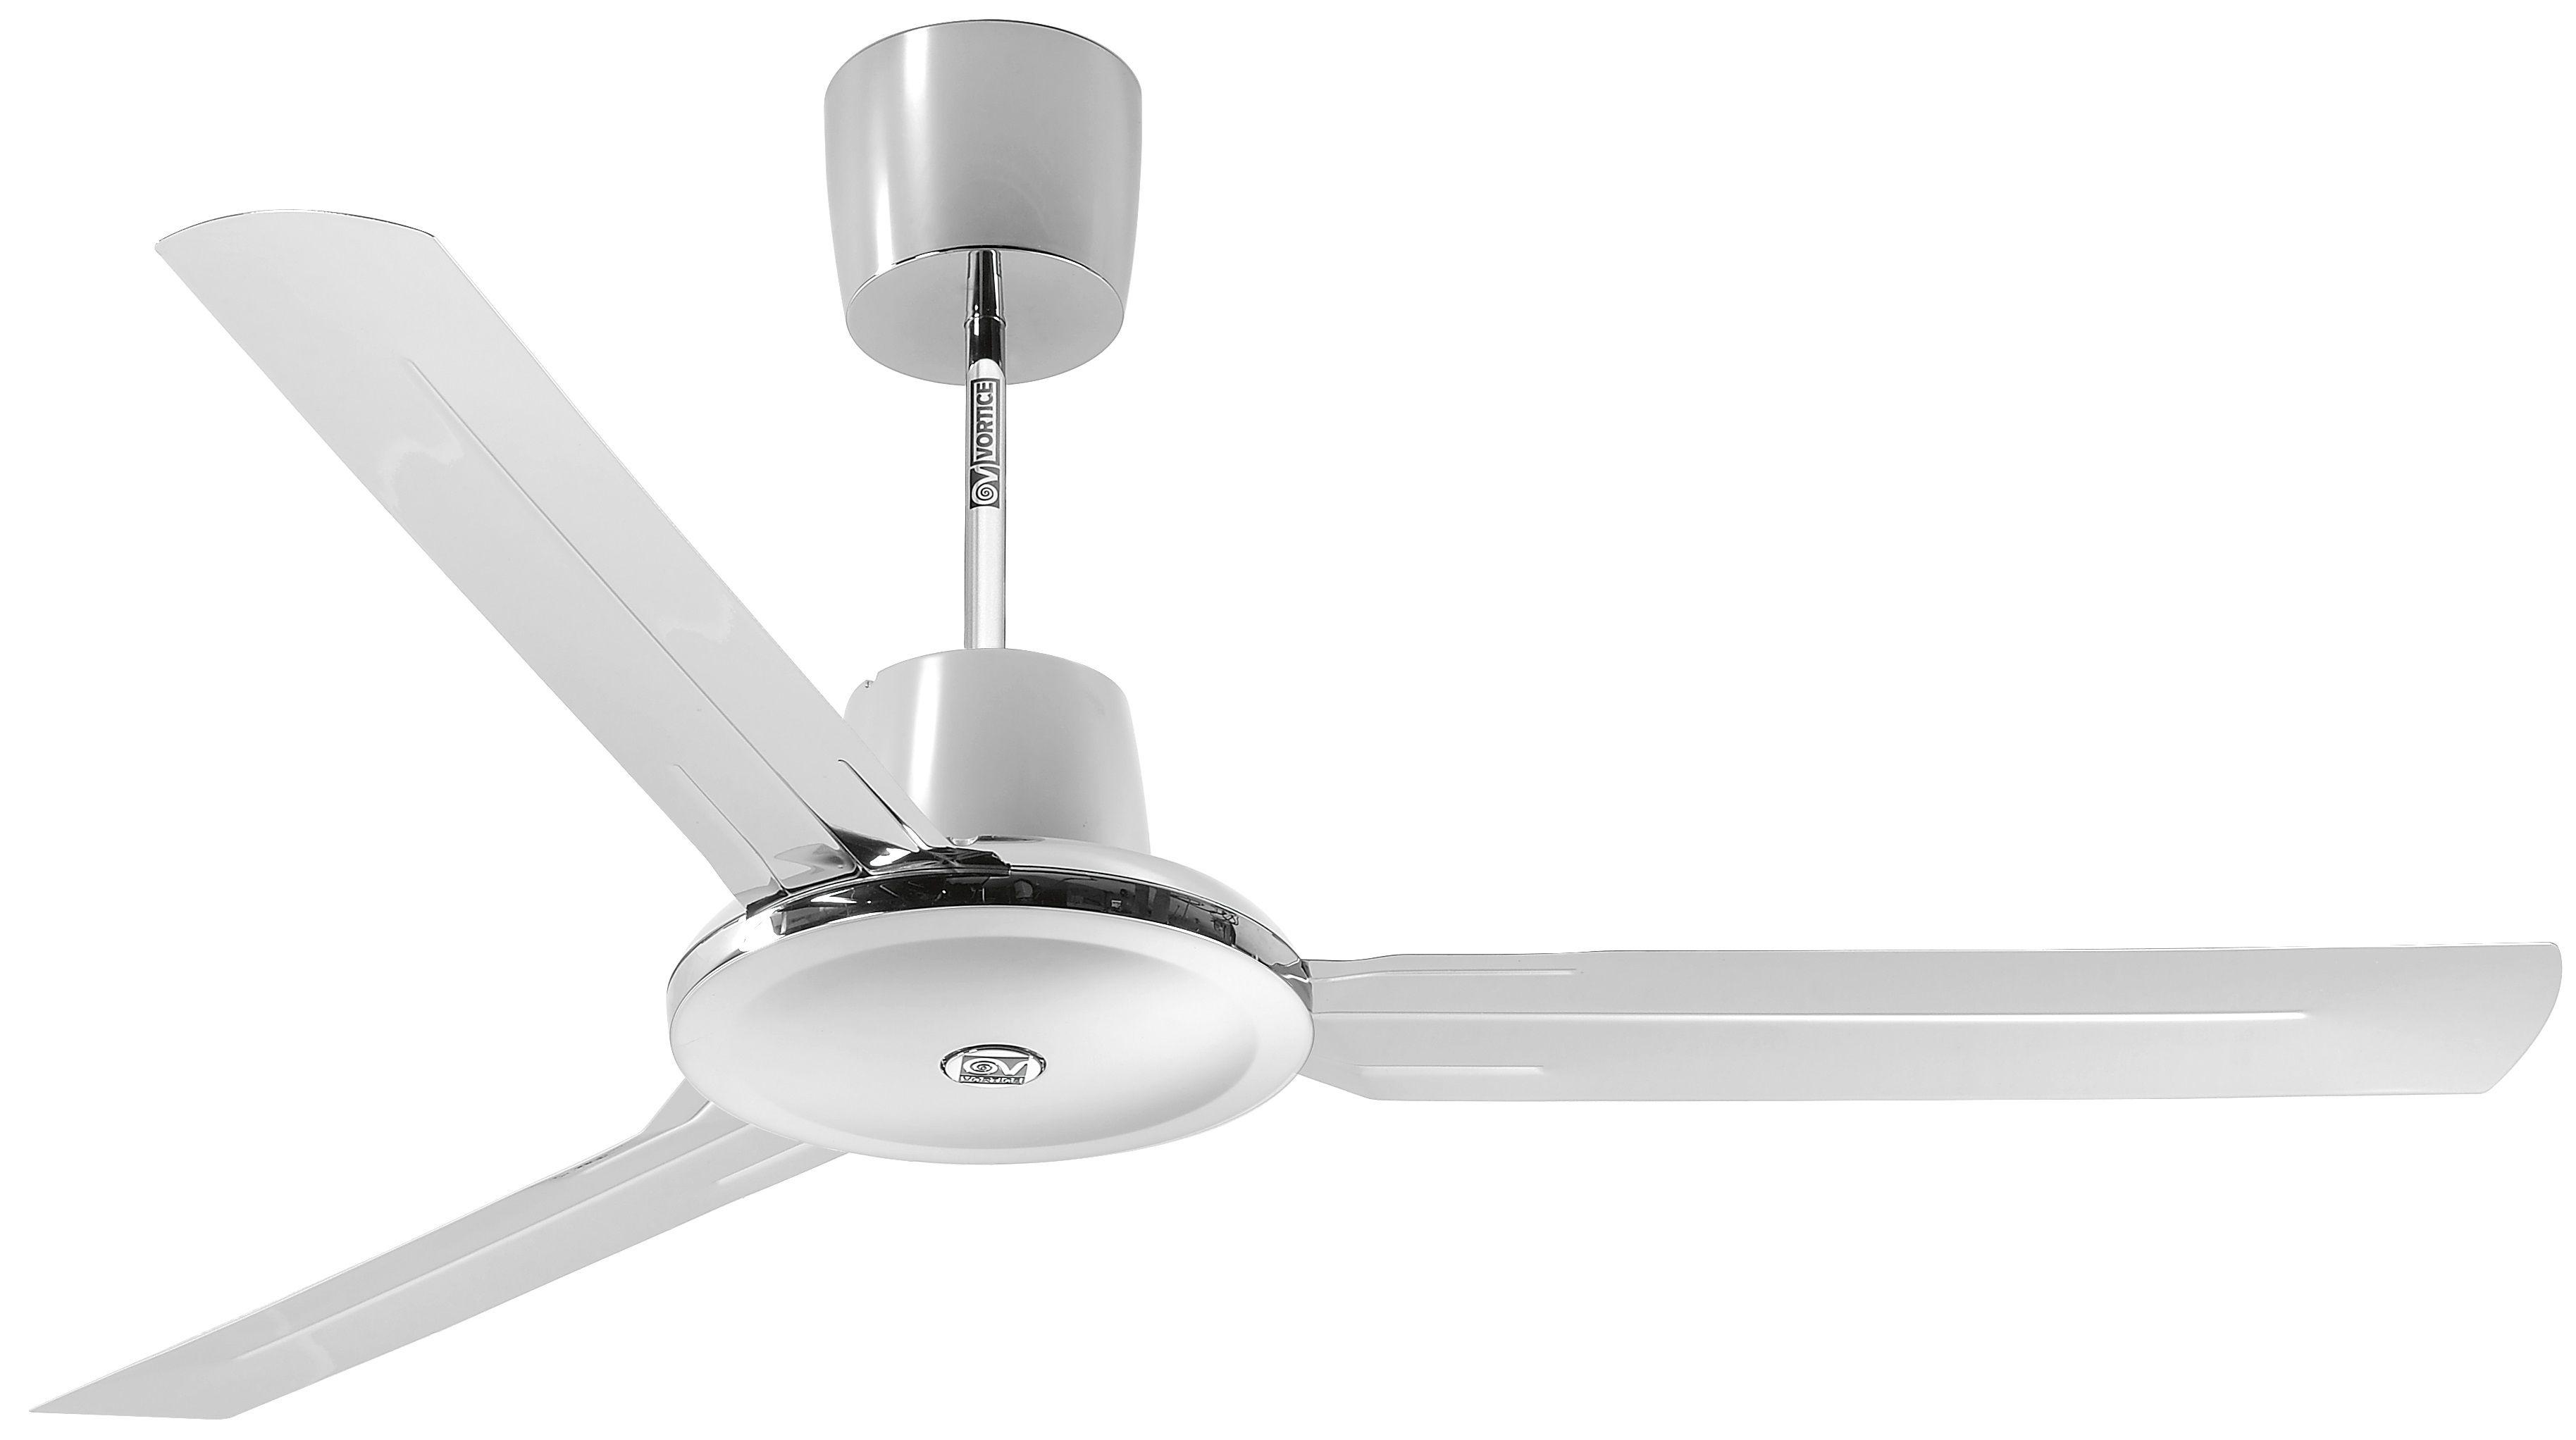 Vortice Lampadari A Pale.Ventilatore Da Soffitto Vortice Ventilatori A Soffitto Soffitto Ventilatore